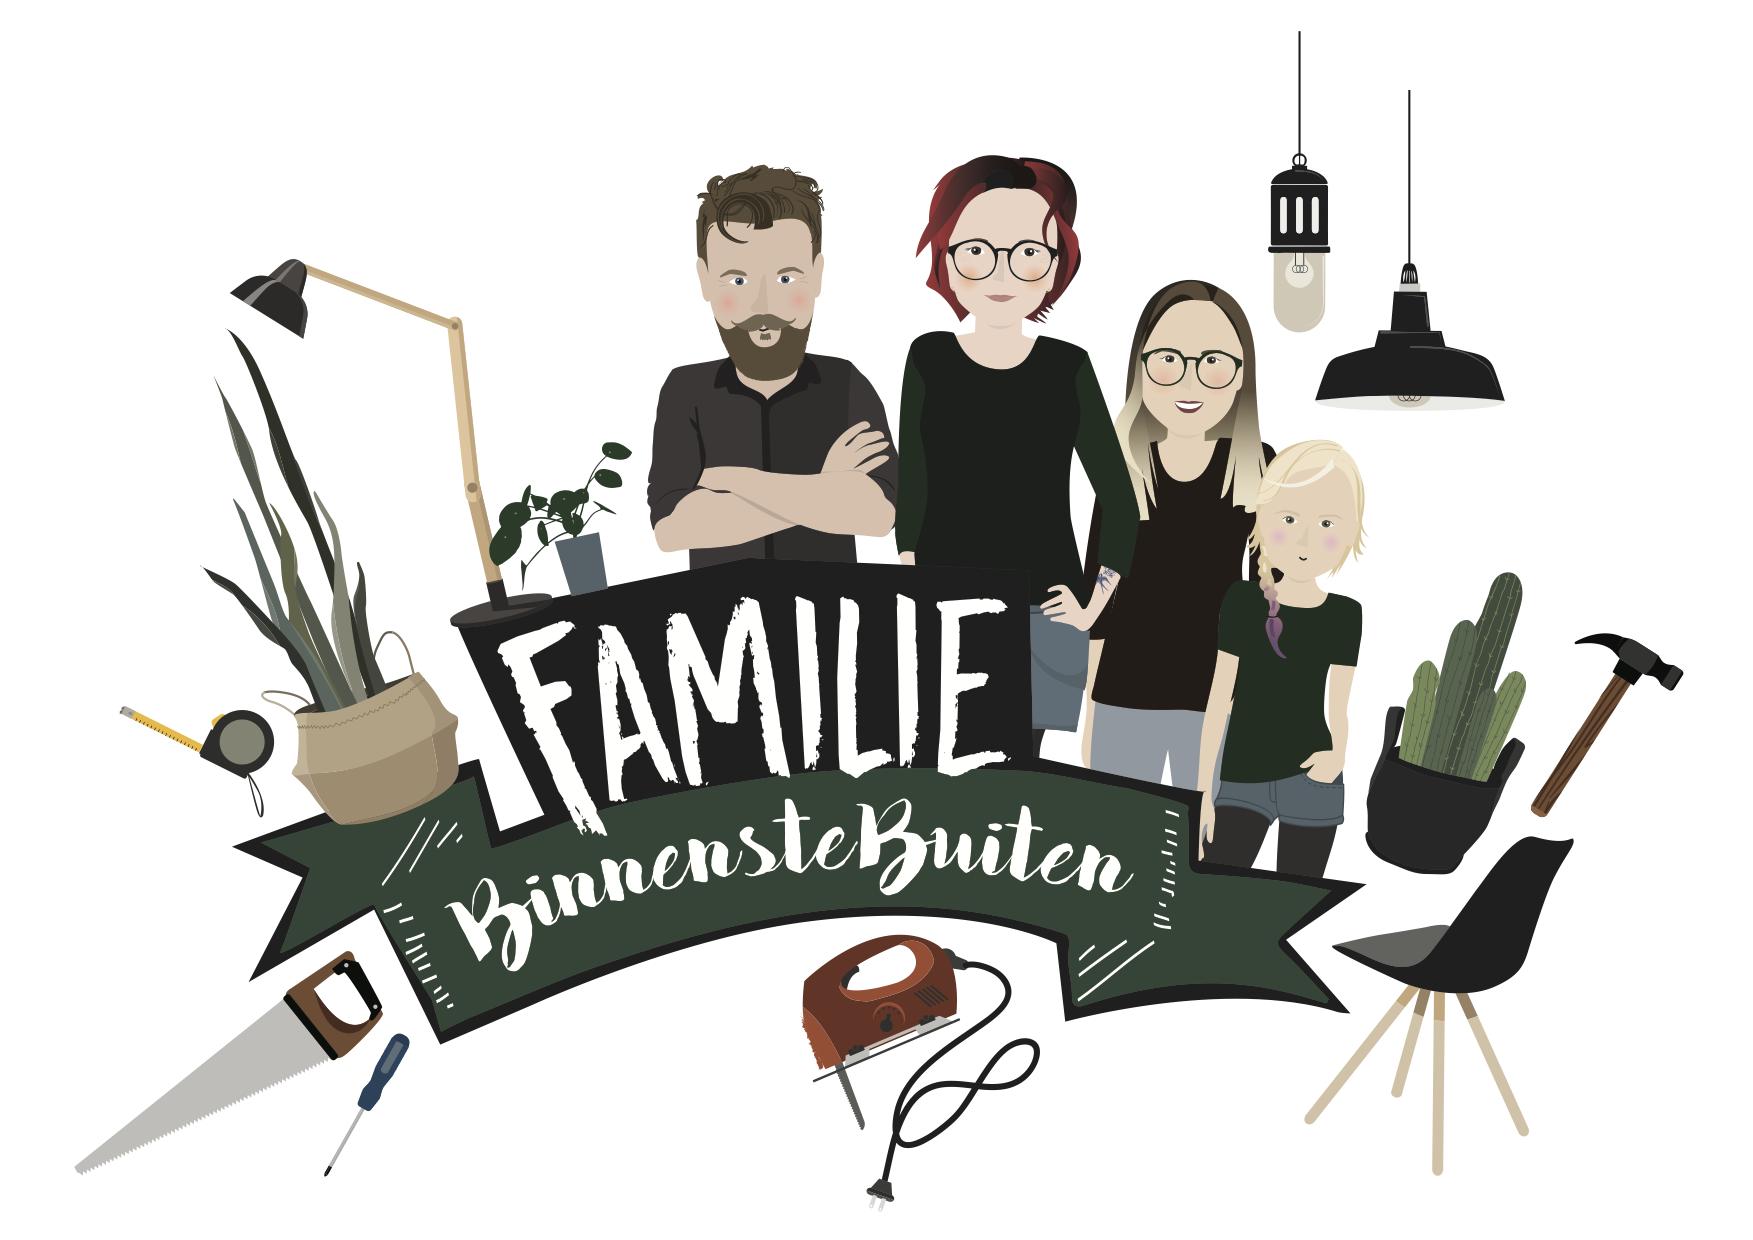 Familie BinnensteBuiten